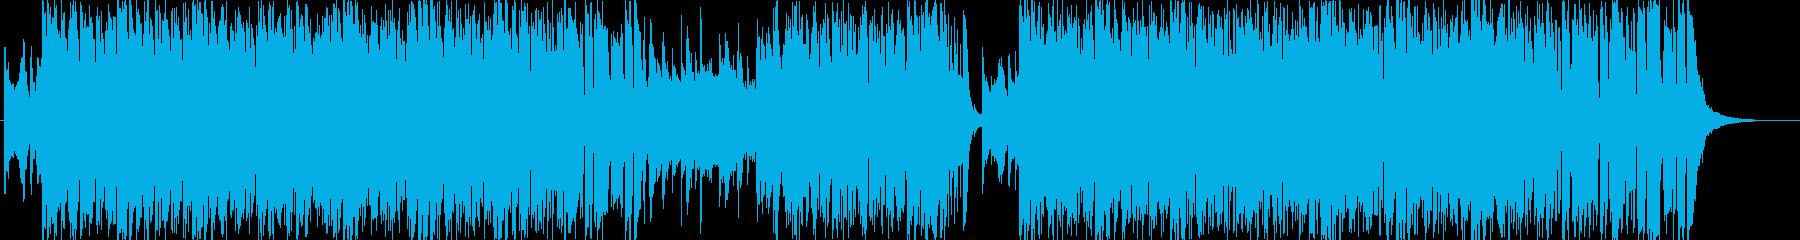 情熱的なノリノリラテン風サンバの再生済みの波形